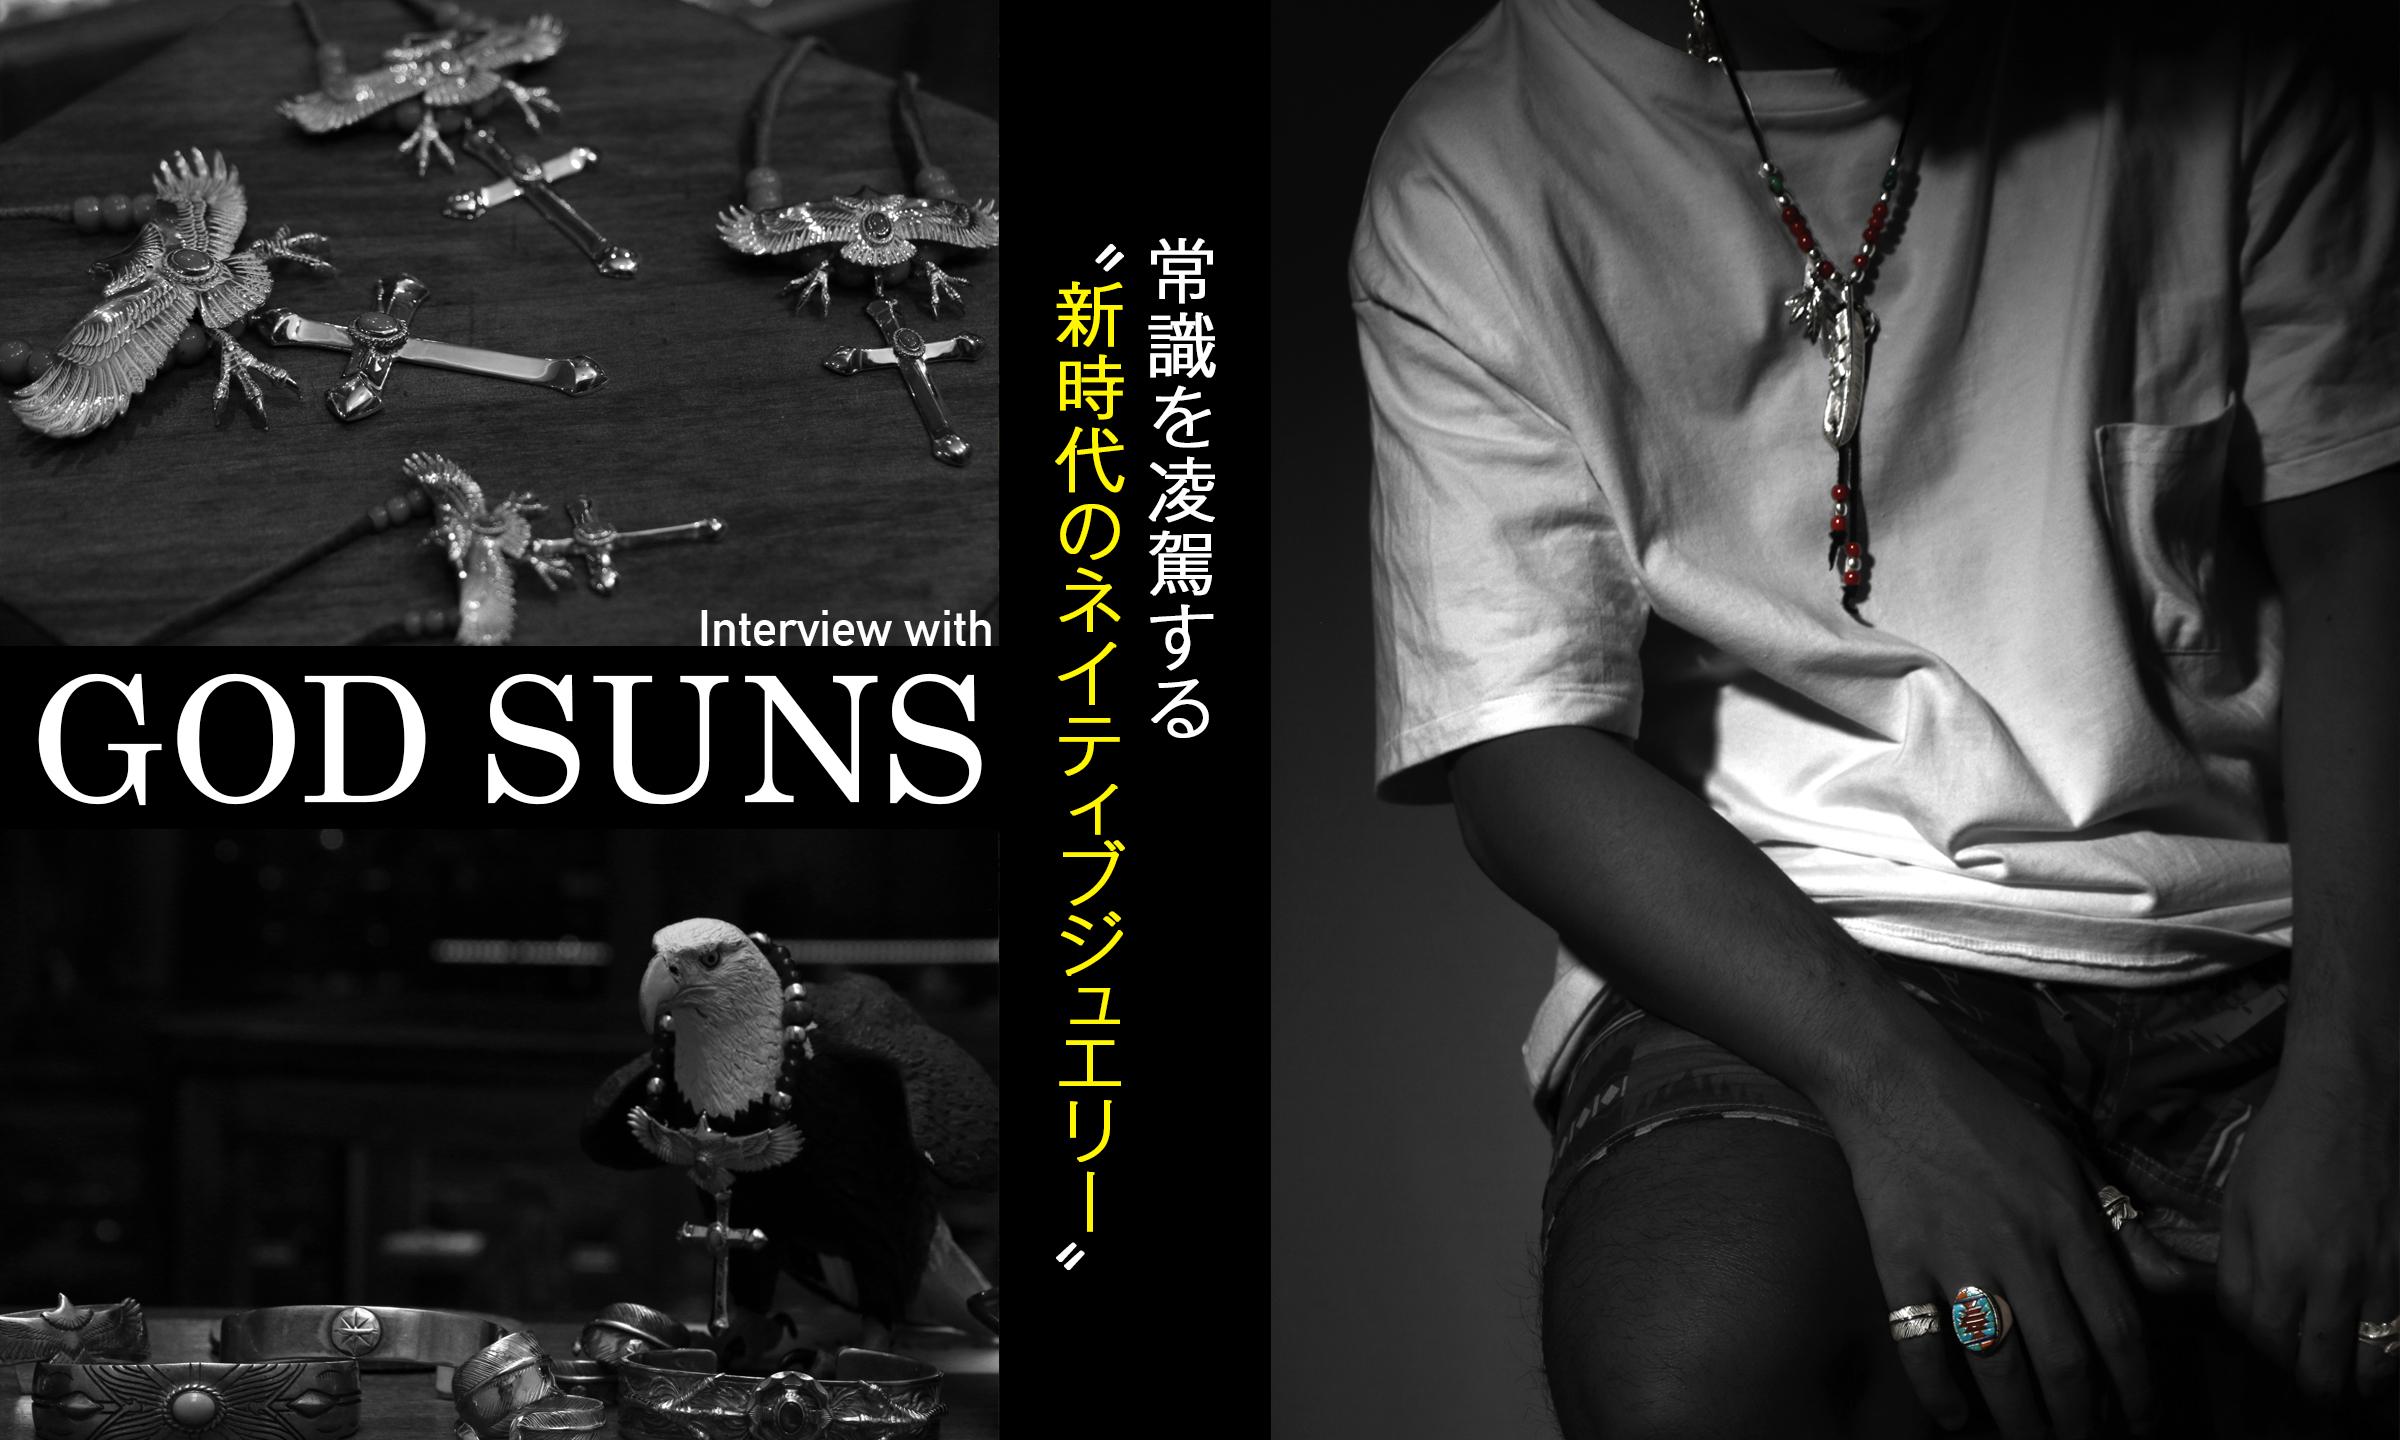 """常識を凌駕する""""新時代のネイティブジュエリー"""" Interview with 「GOD SUNS」"""